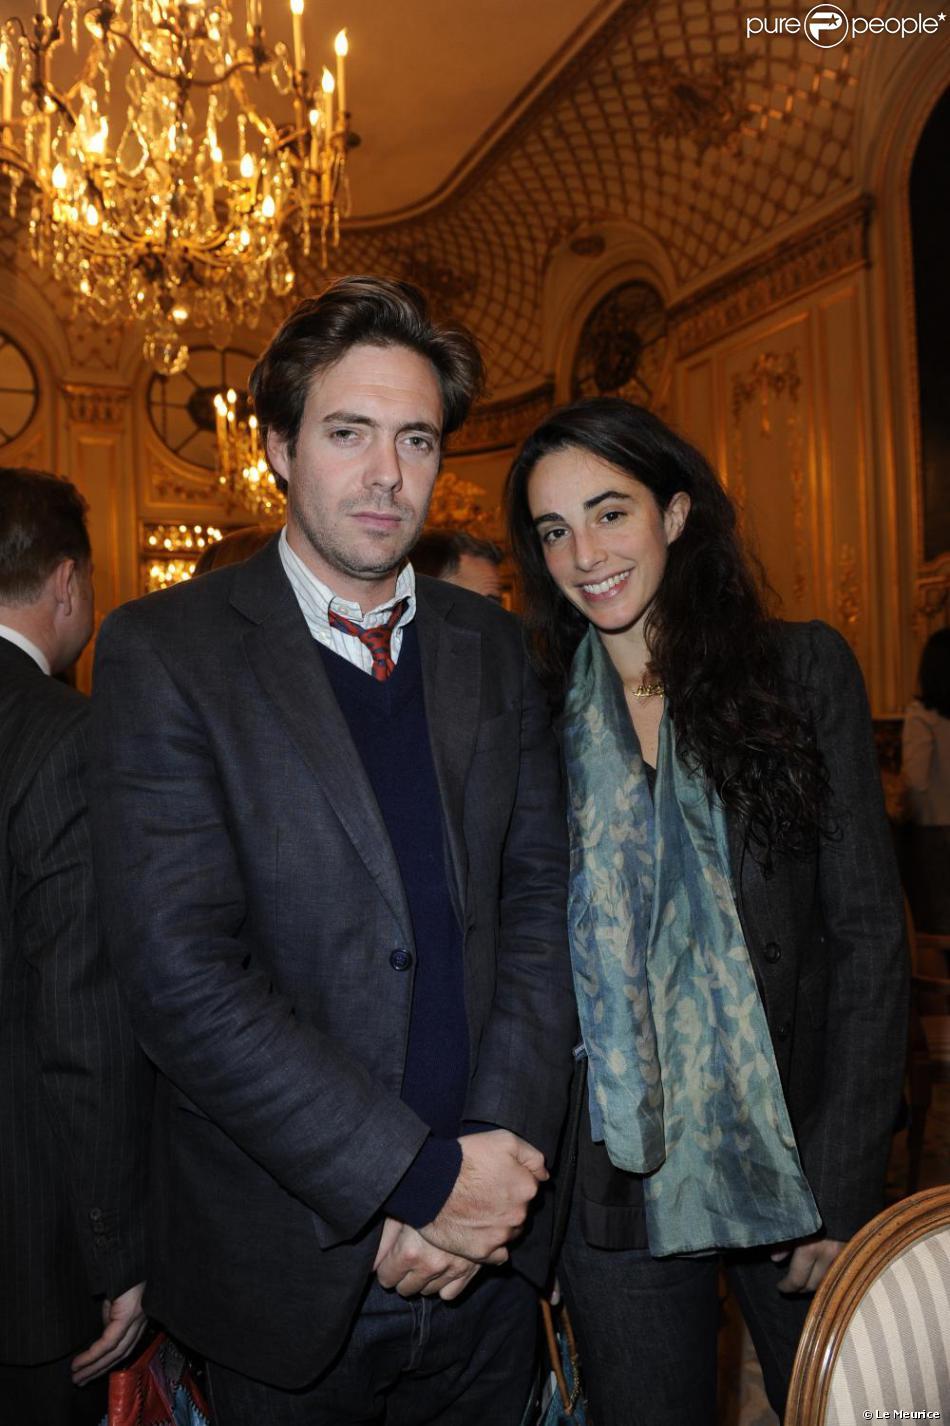 Audacieux Arthur et Clotilde de Kersauson au déjeuner de l'Hôtel Le Meurice LX-94